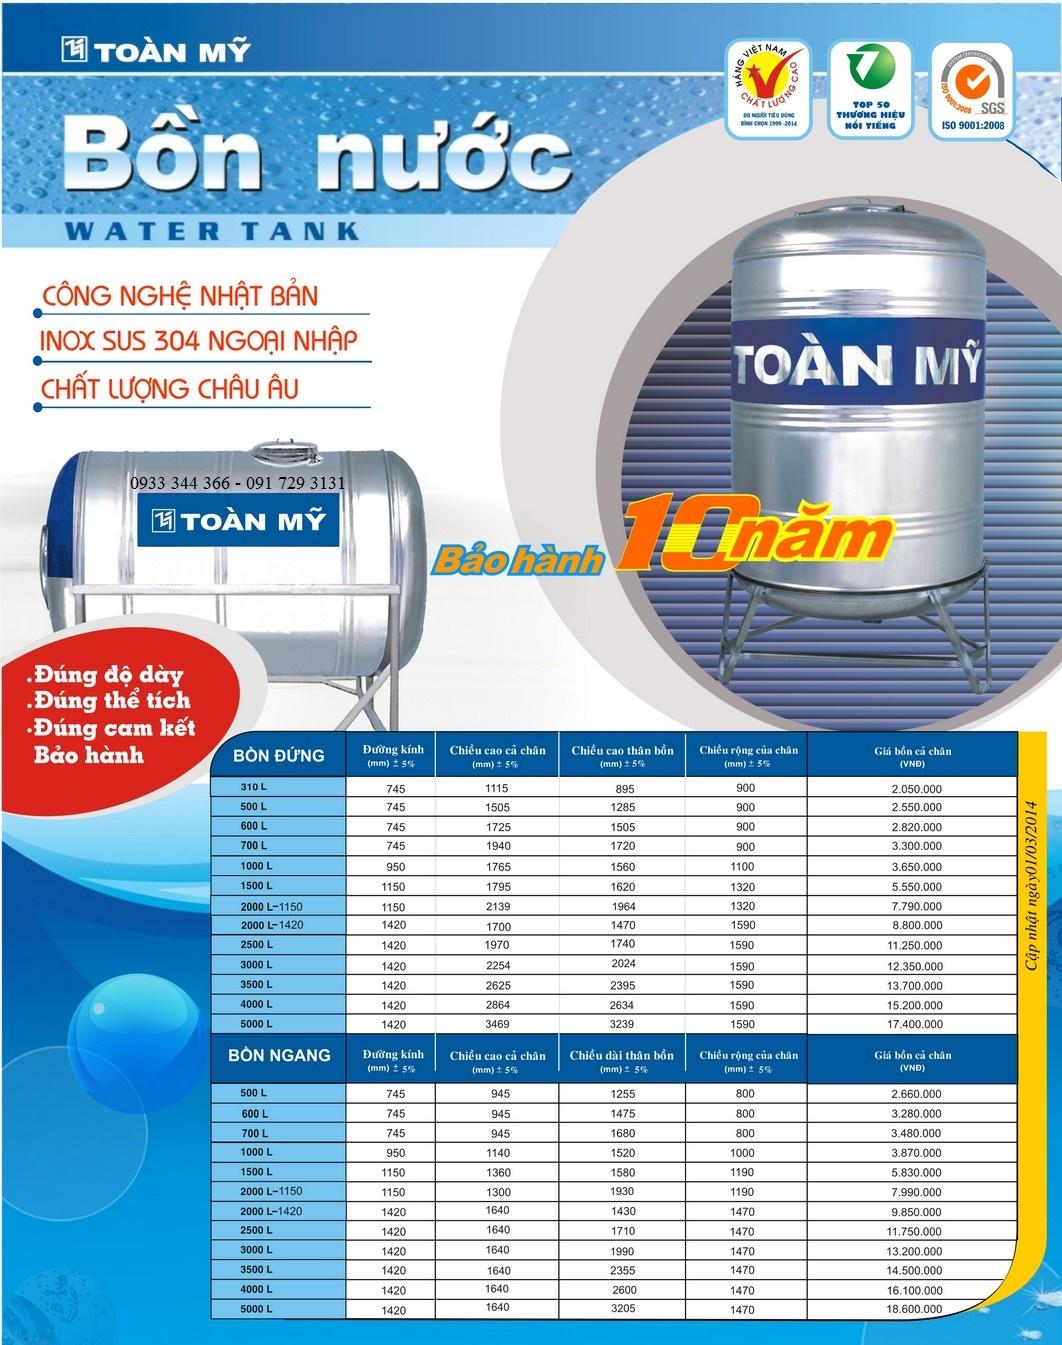 bon_nuoc_toan_my